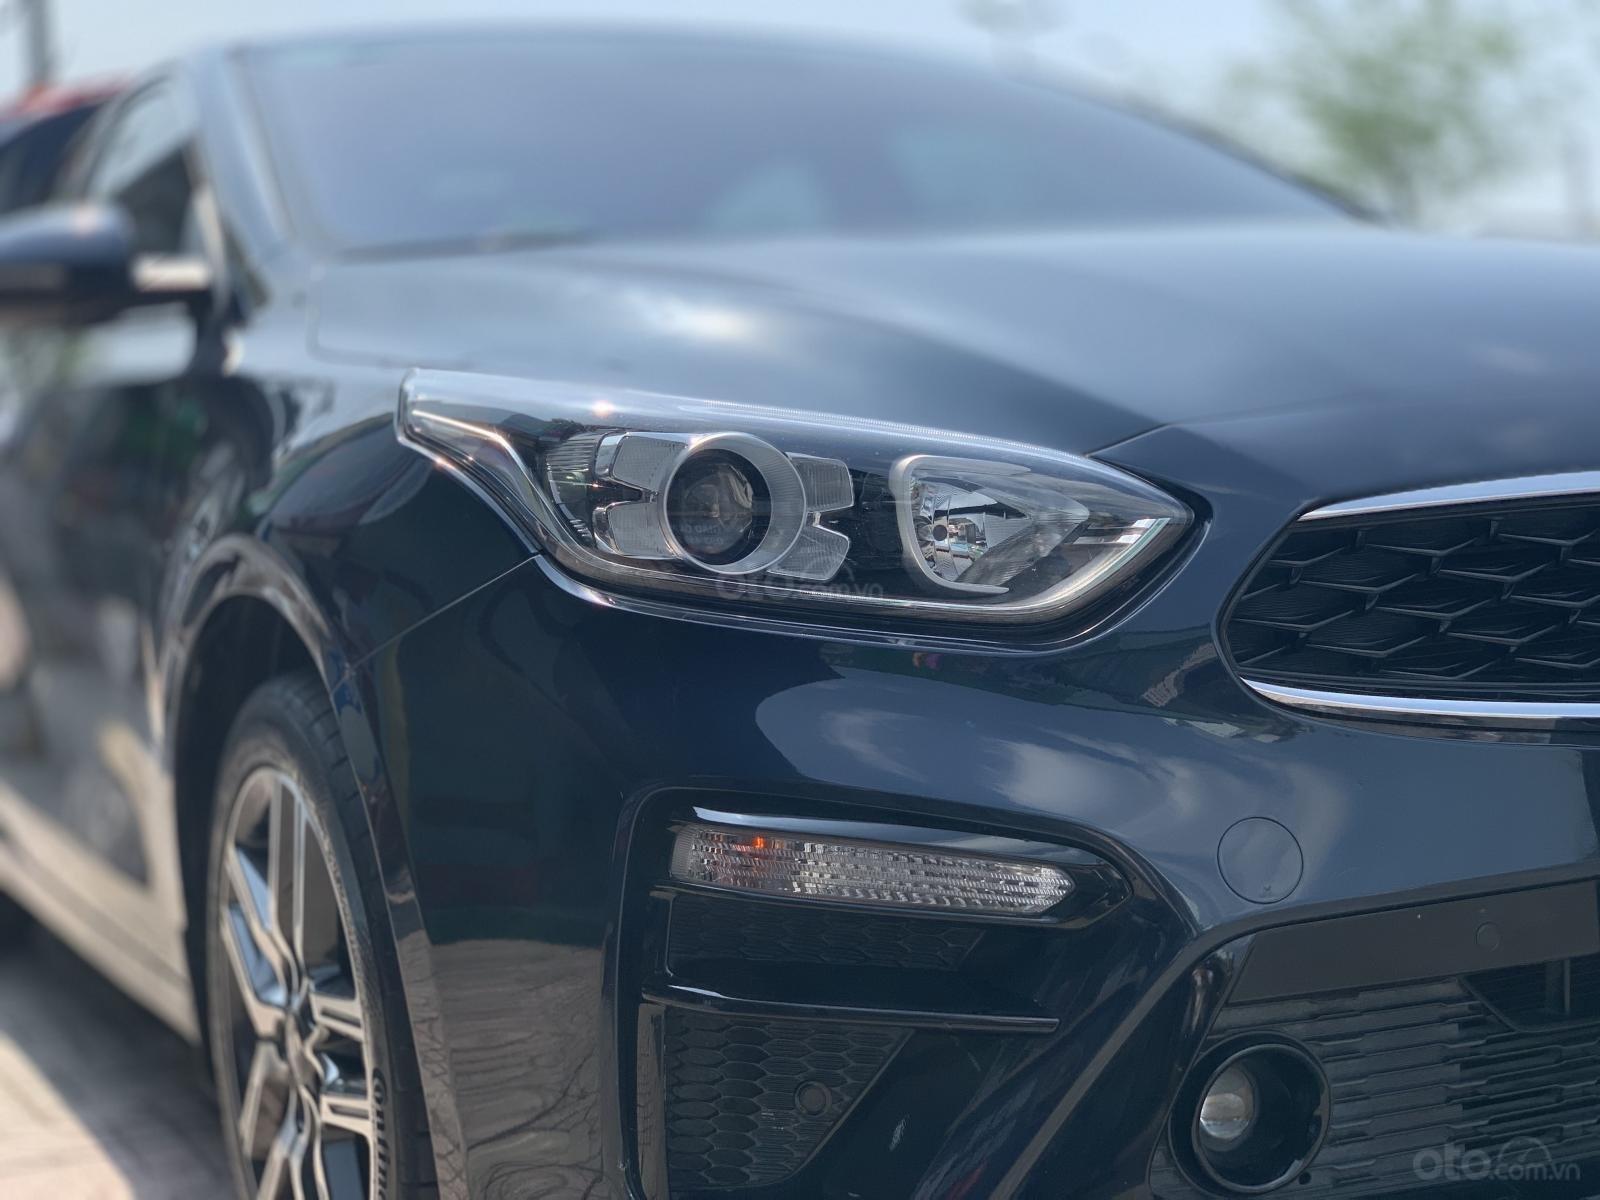 Kia Cerato 1.6AT Luxury 2019 màu xanh đen, biển tỉnh xe đẹp (3)